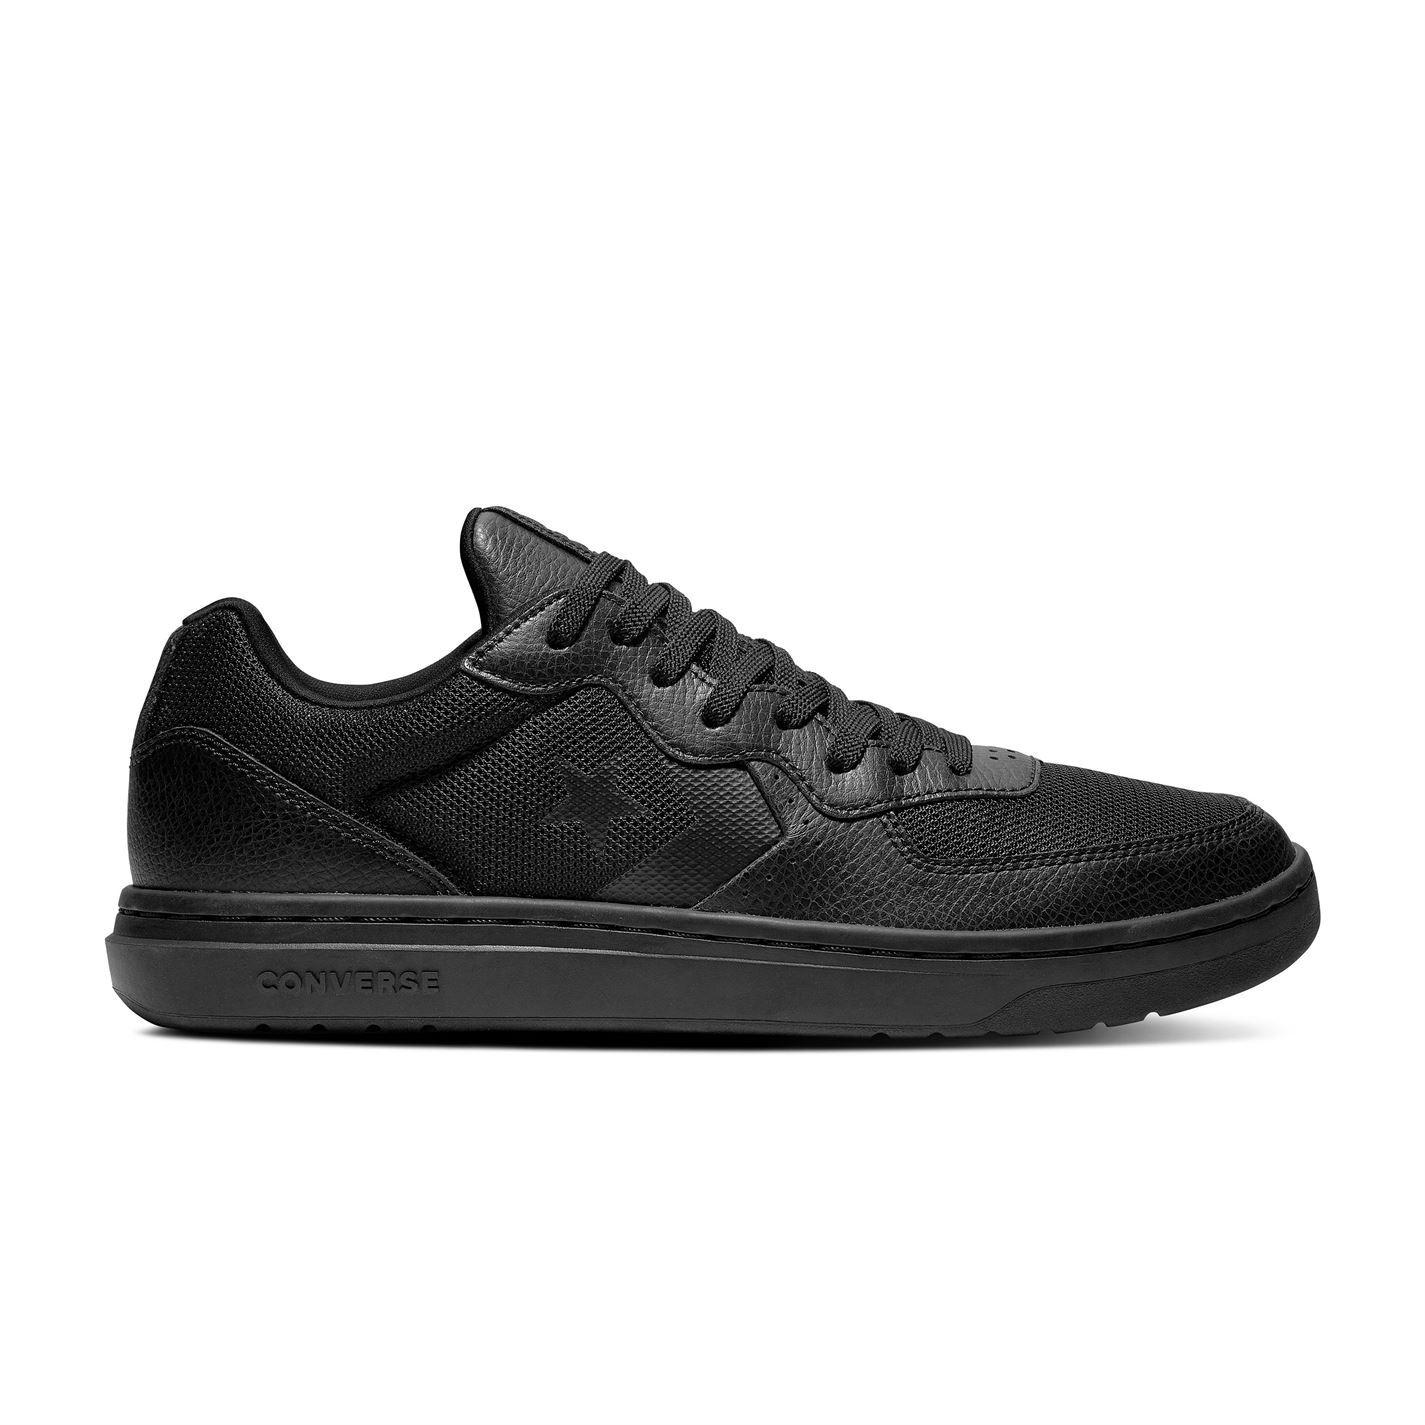 Converse-Rival-Baskets-Pour-Homme-Chaussures-De-Loisirs-Chaussures-Baskets miniature 3